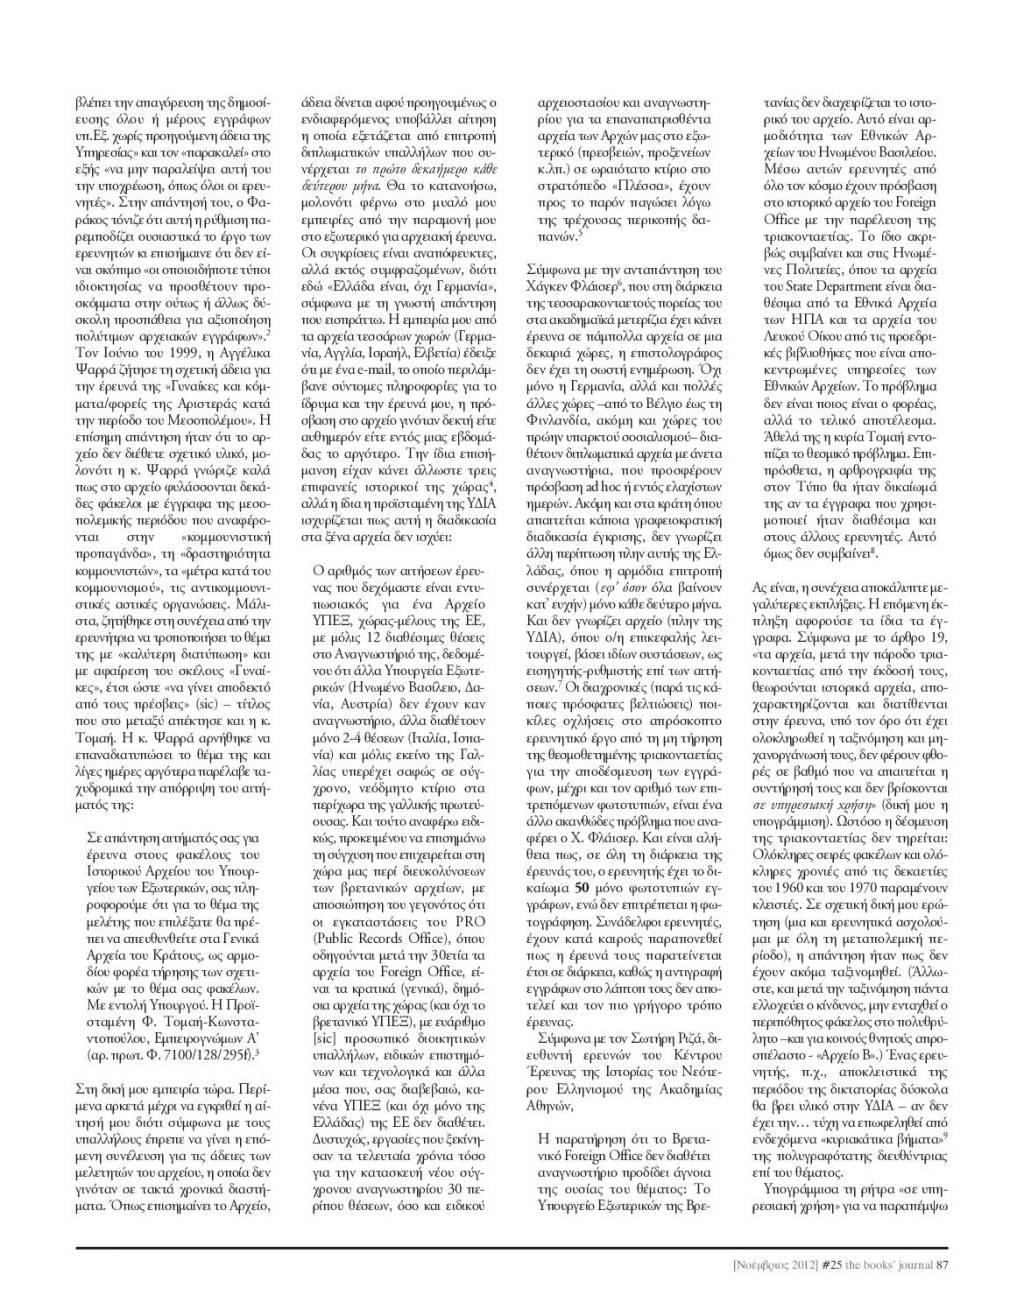 Αννα Μαρία Δρουμπούκη - Η θεσμική μνήμη του Ολοκαυτώματος στην Ελλάδα [2012-11-ΝΟΕ-BOOKS JOURNAL-ΤΧ#025] [2012] - AM_Tomai_Books' Journal-ΣΕΛ-87